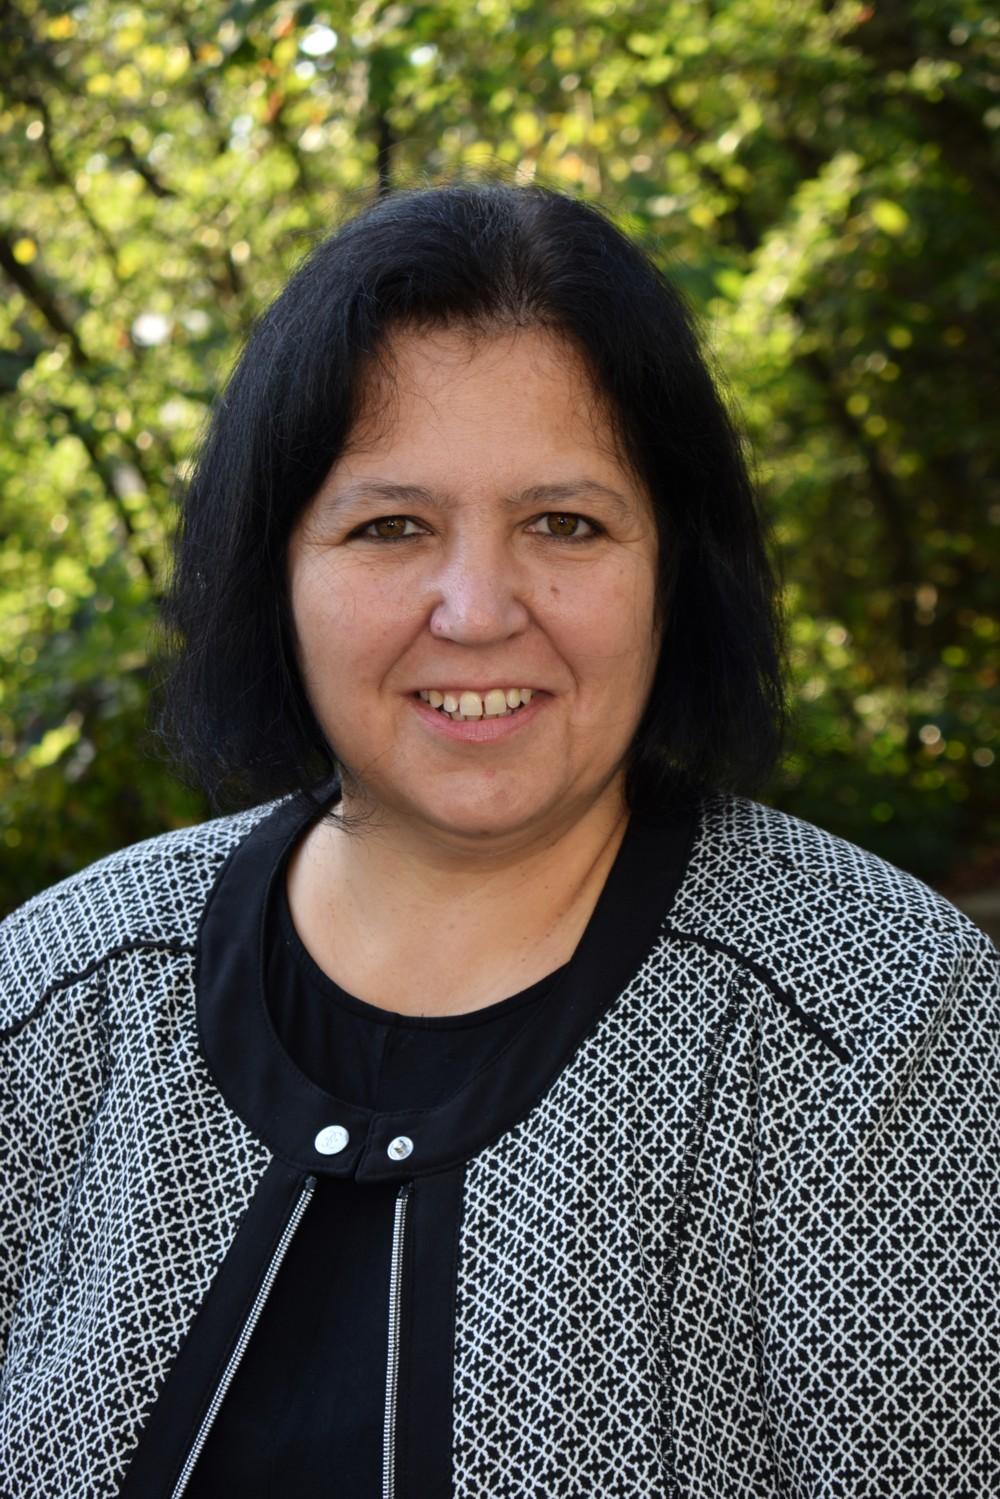 Frau Zimpel (Studienleiterin)